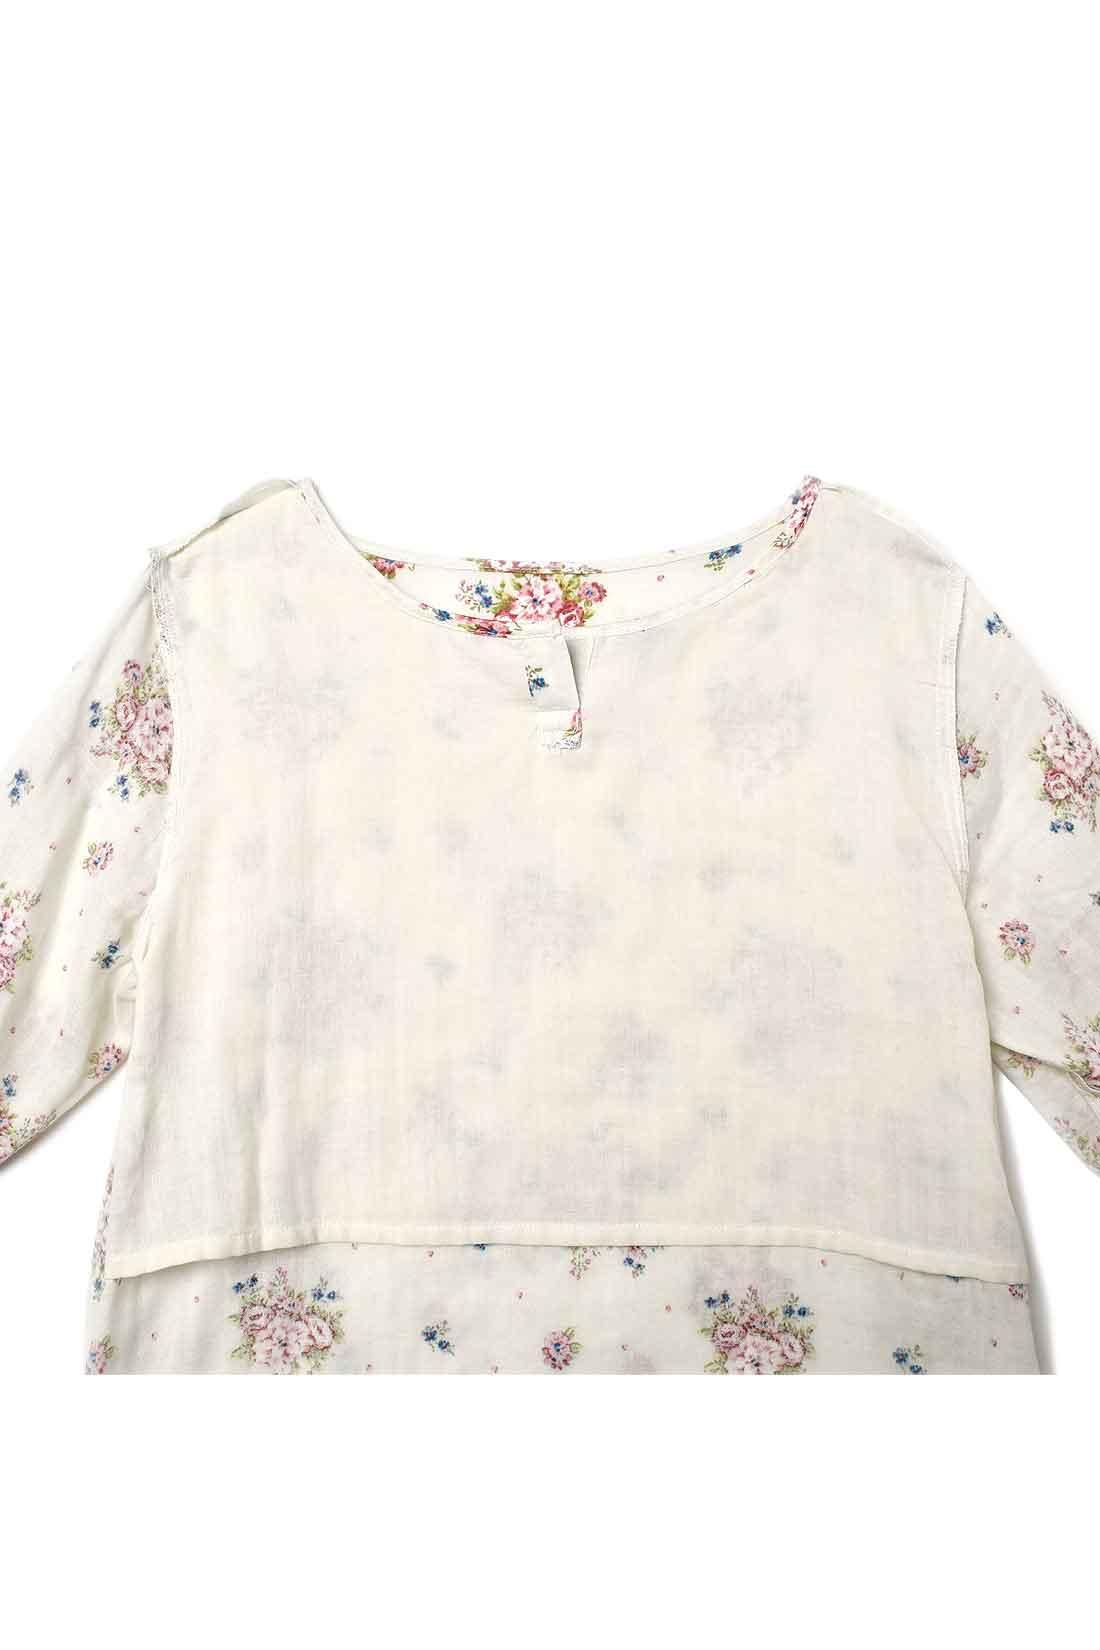 胸もとが透けにくい綿素材の胸あてが付いているのでインナーなしでも安心。